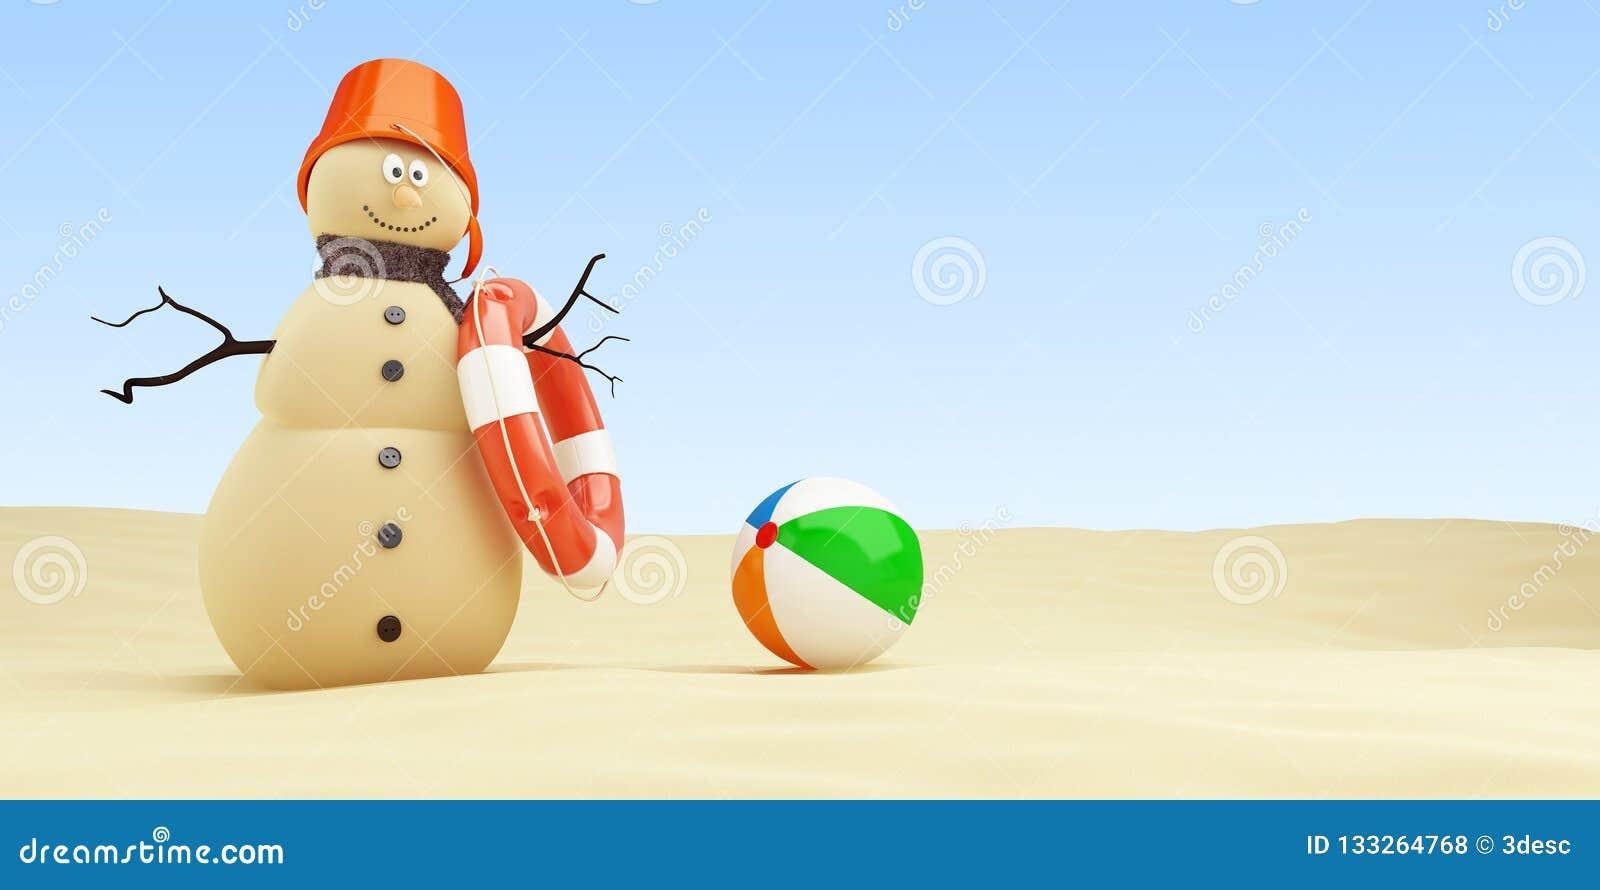 Bonhomme de neige de Sandy sur la bouée de sauvetage de plage sur une illustration blanche du fond 3D, rendu 3D